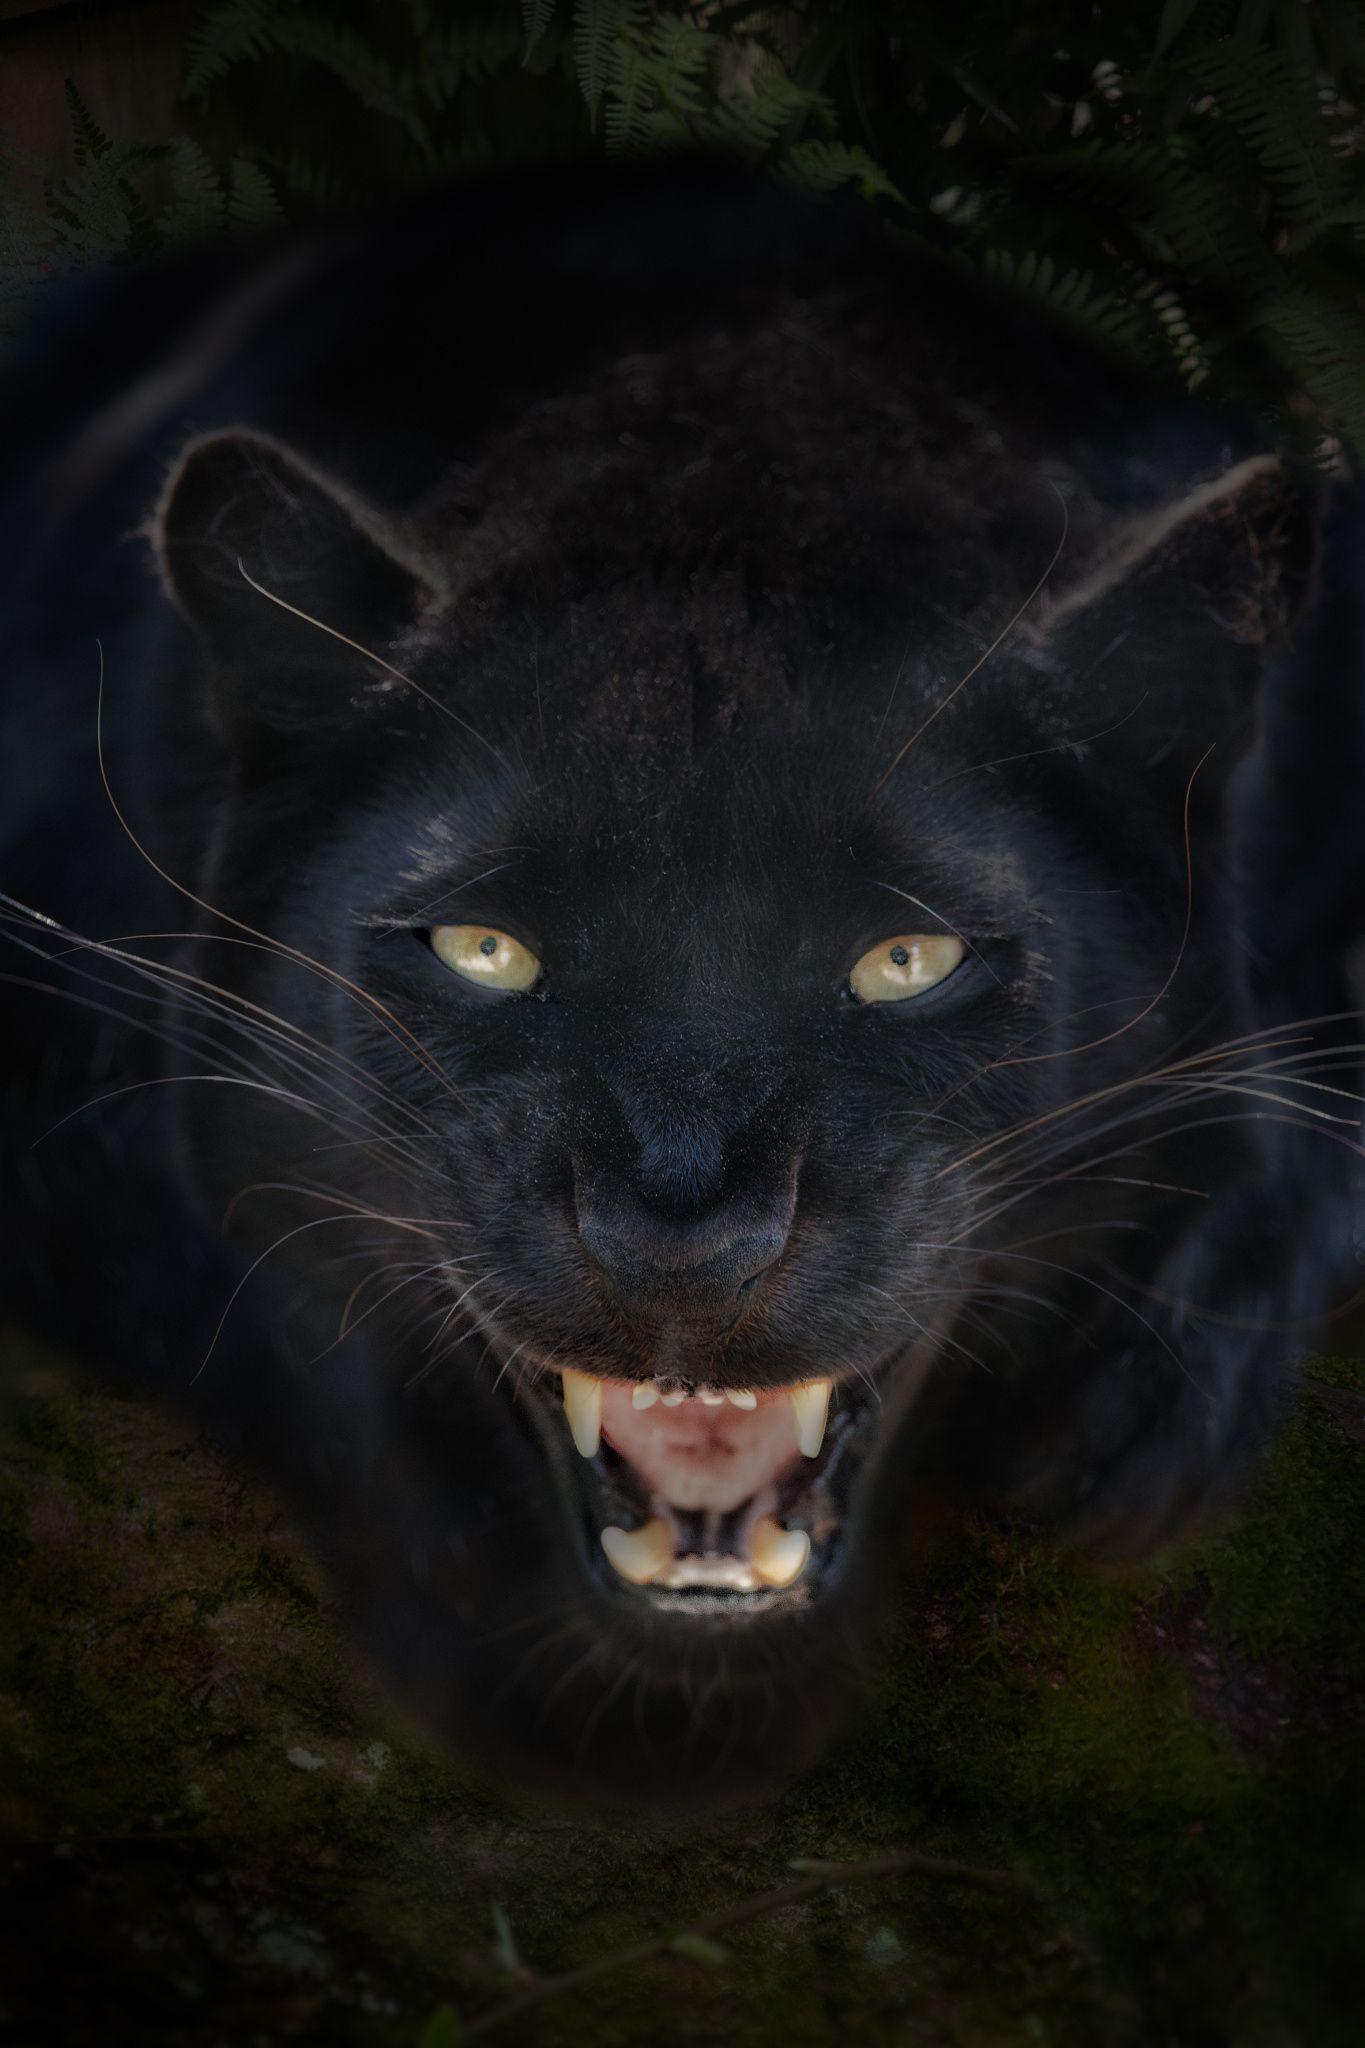 Картинка оскала черной пантеры